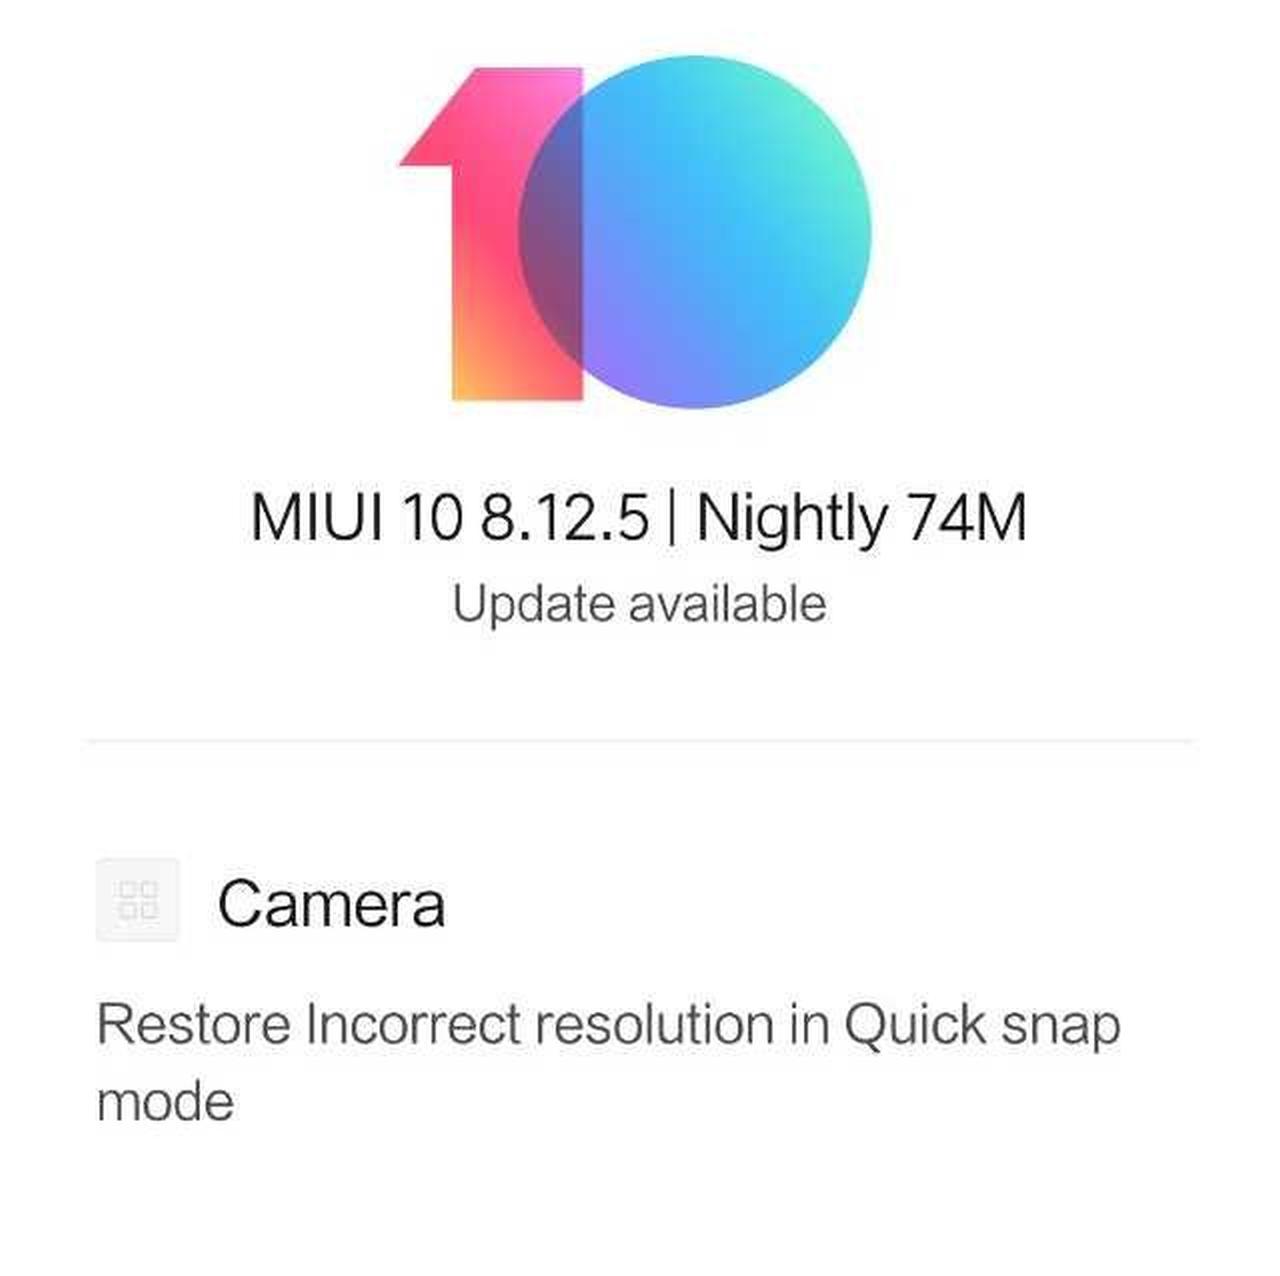 Redmi Note 5 Pro update